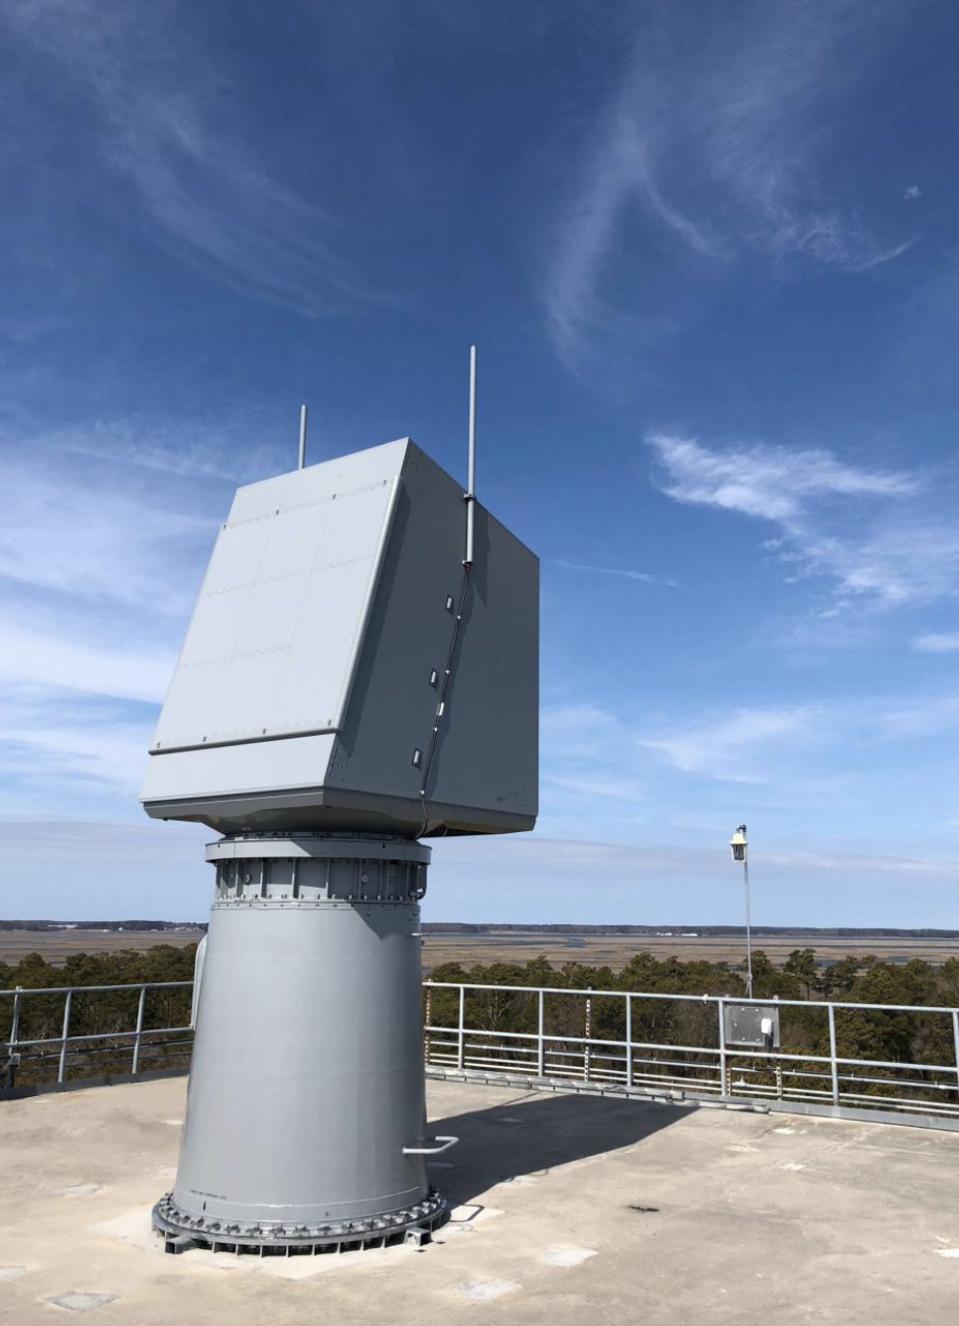 Raytheon SPY-6 Radar